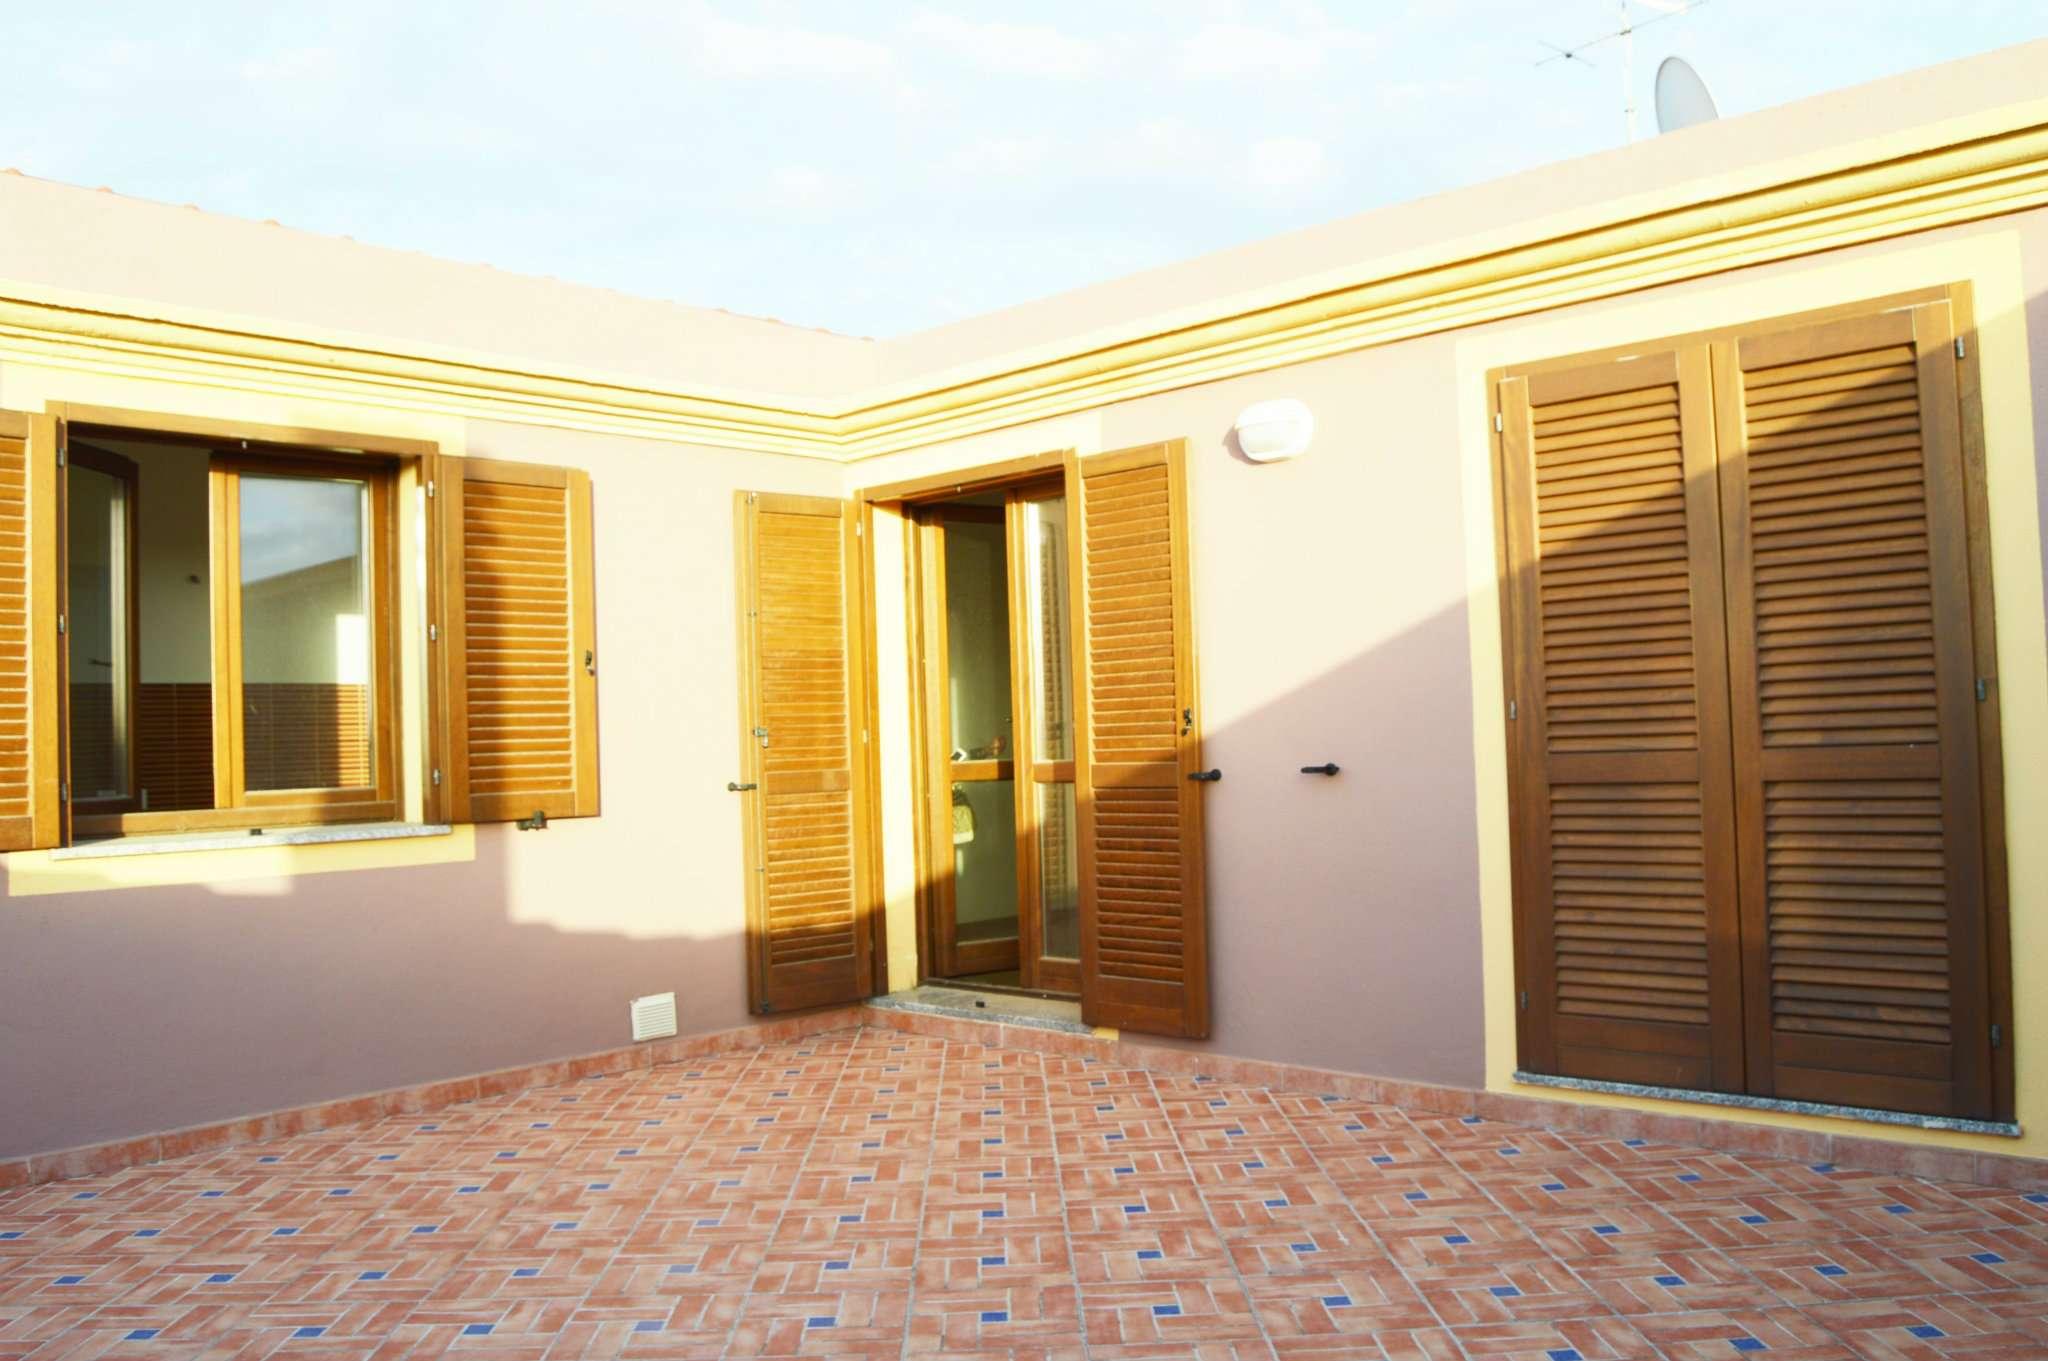 Attico / Mansarda in vendita a Sassari, 2 locali, prezzo € 130.000 | Cambio Casa.it